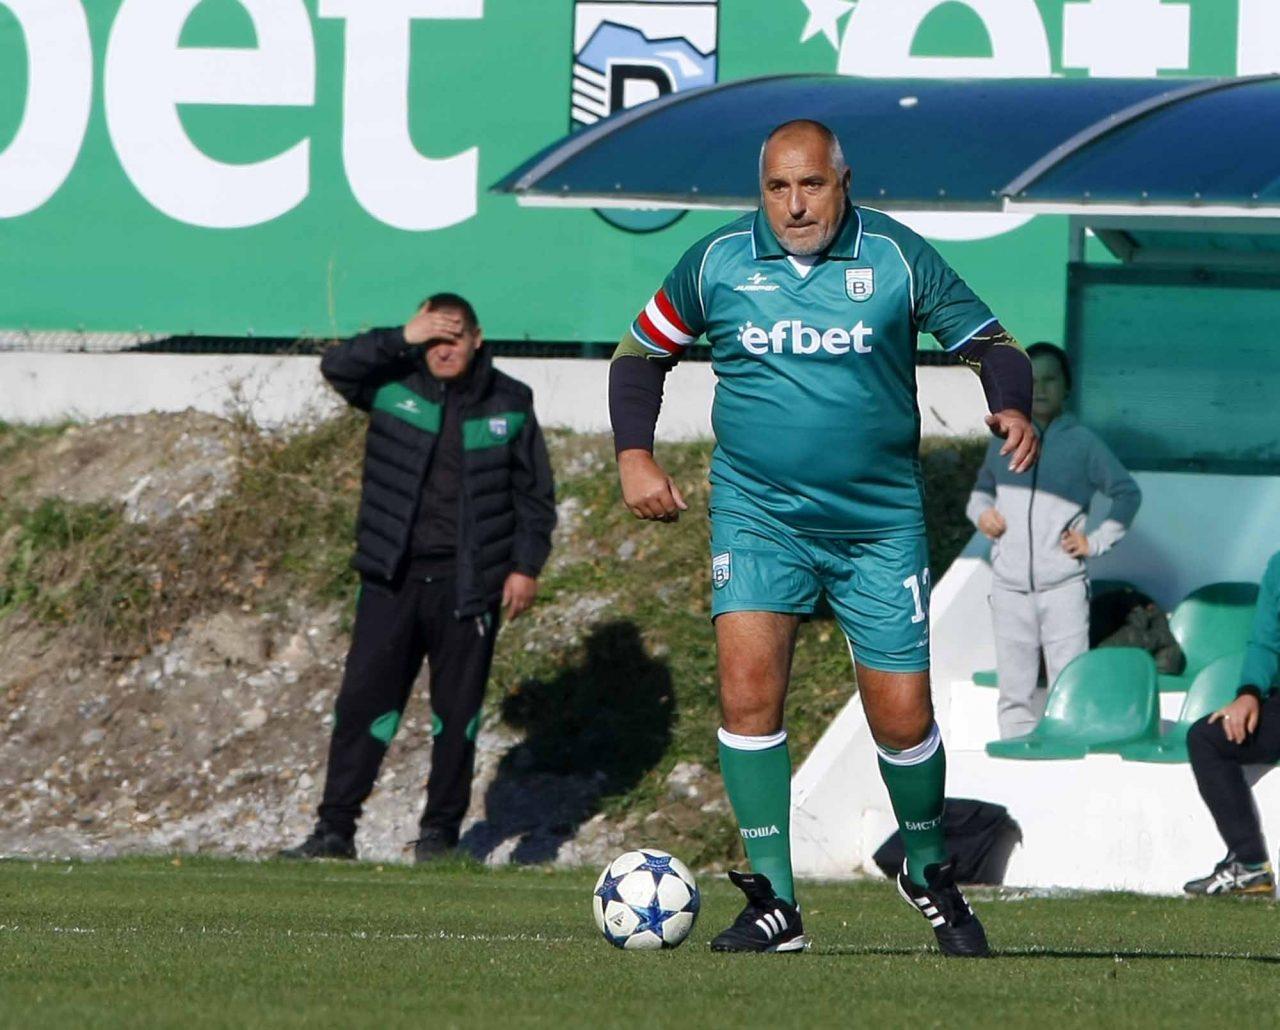 -Борисов-футбол-Бистрица-8-1280x1030.jpg